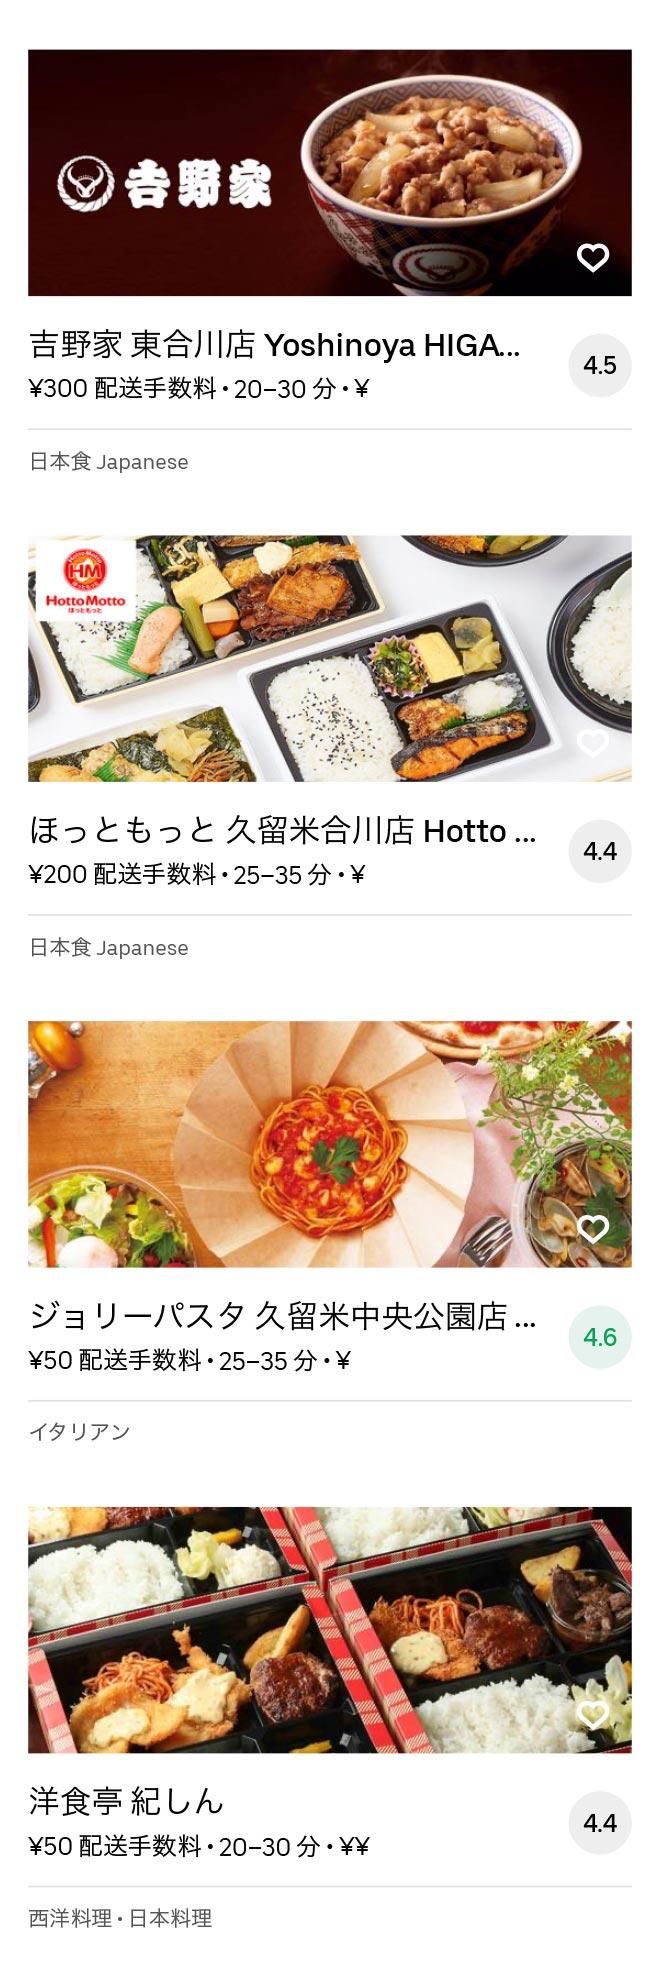 Nishitetsu kurume menu 2008 04